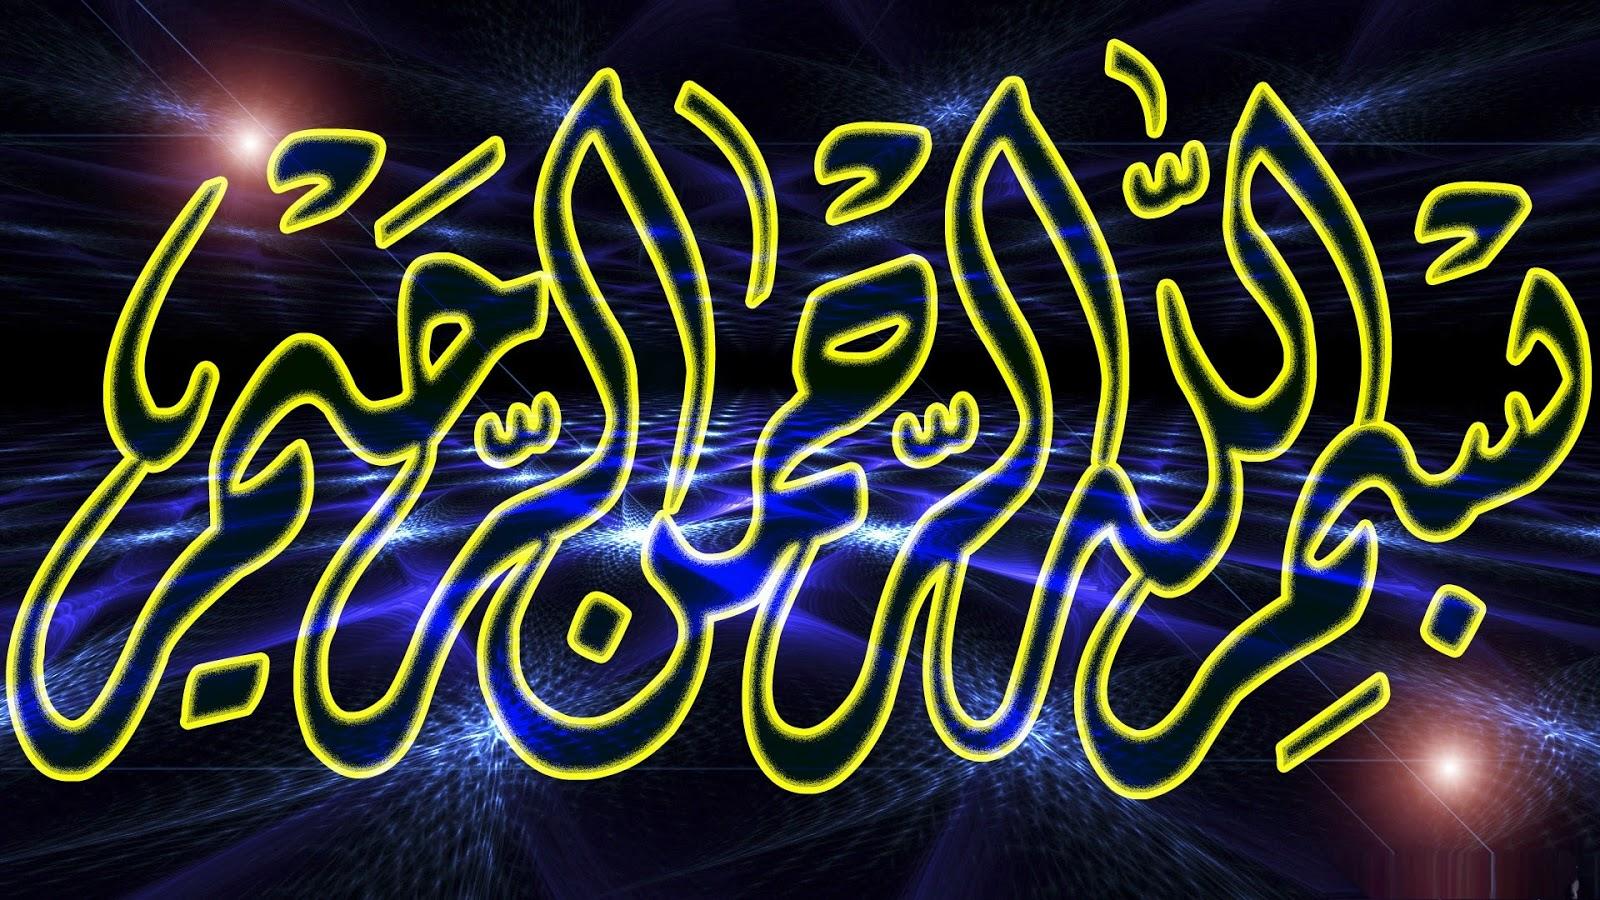 6 Bismillah Blue Calligraphy Wallpapers ~ DeeniAurat Bismillah Calligraphy Blue